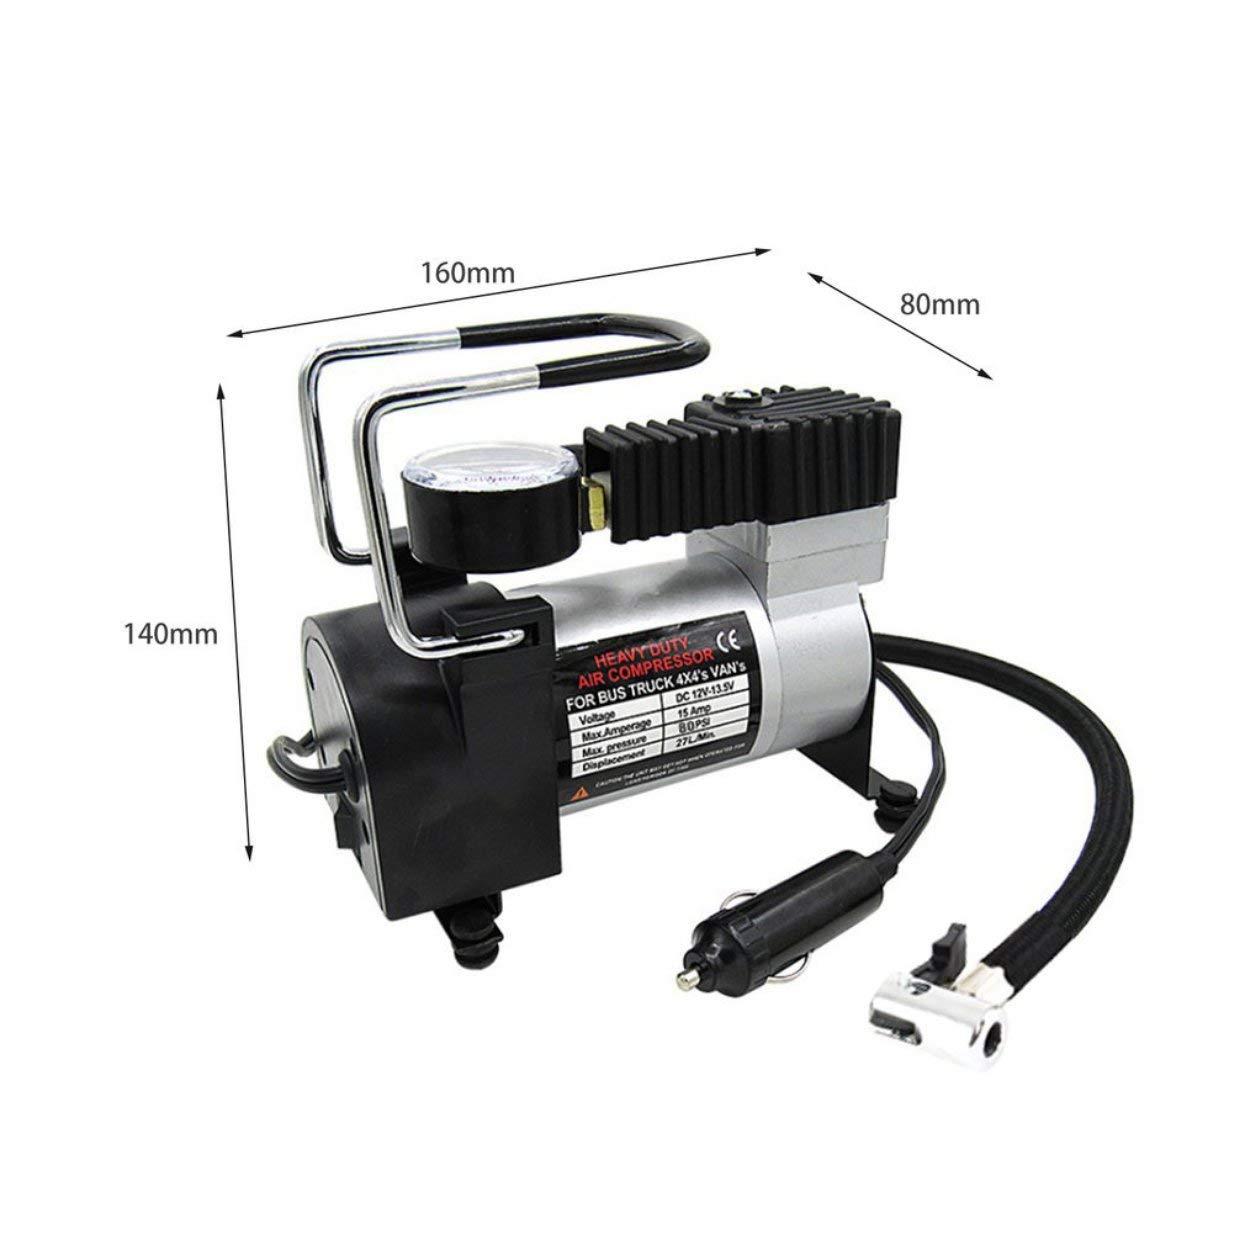 LoveOlvidoIT Portable Super Flow DC 12V 100PSI Metallo Compressore dAria Gonfiatore Auto Pompa di Aria Pompa del Veicolo Manometro Elettrico